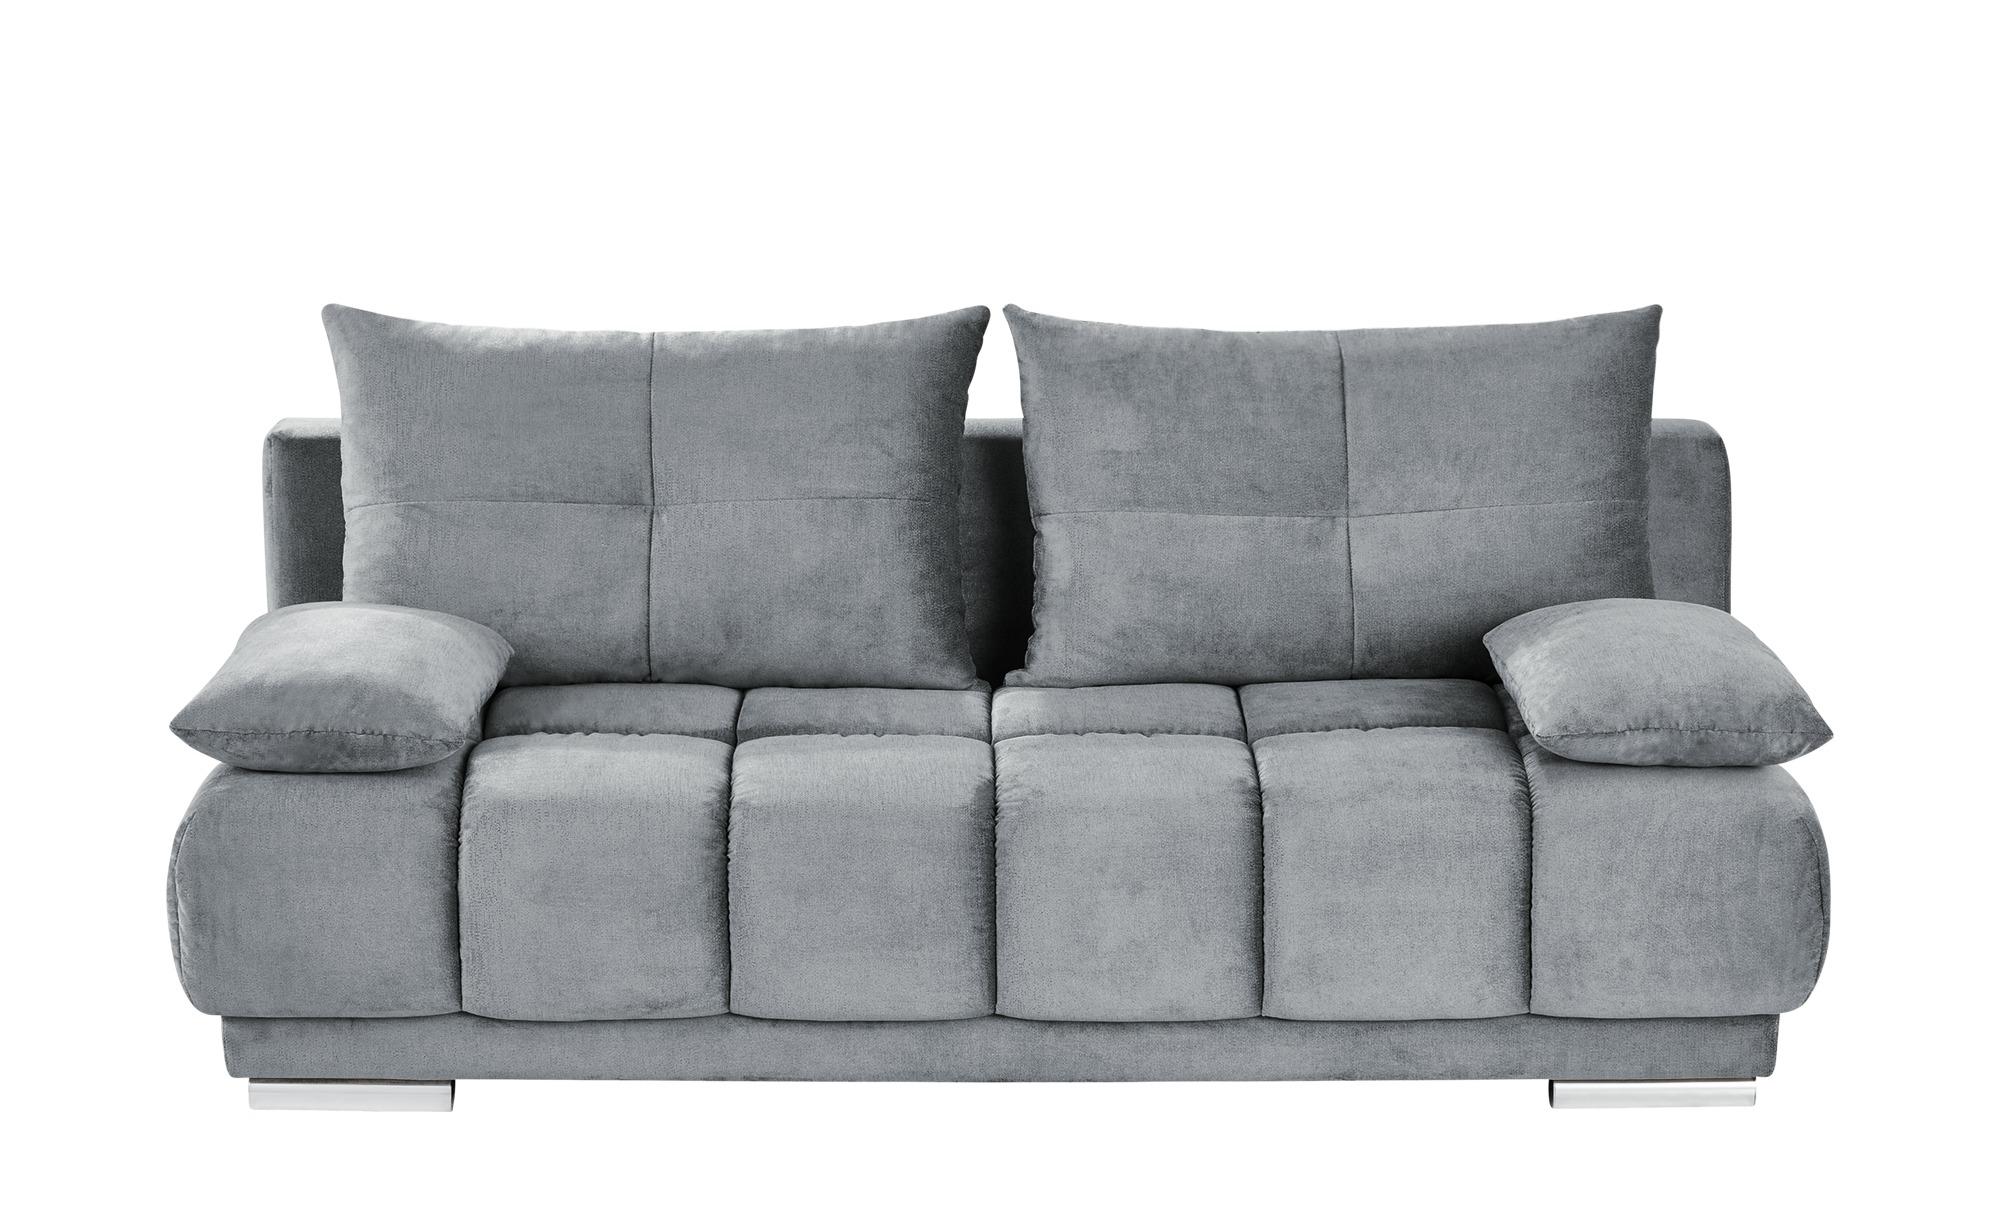 bobb schlafsofa mit boxspringpolsterung isalie de luxe breite 206 cm h he 92 cm online kaufen. Black Bedroom Furniture Sets. Home Design Ideas